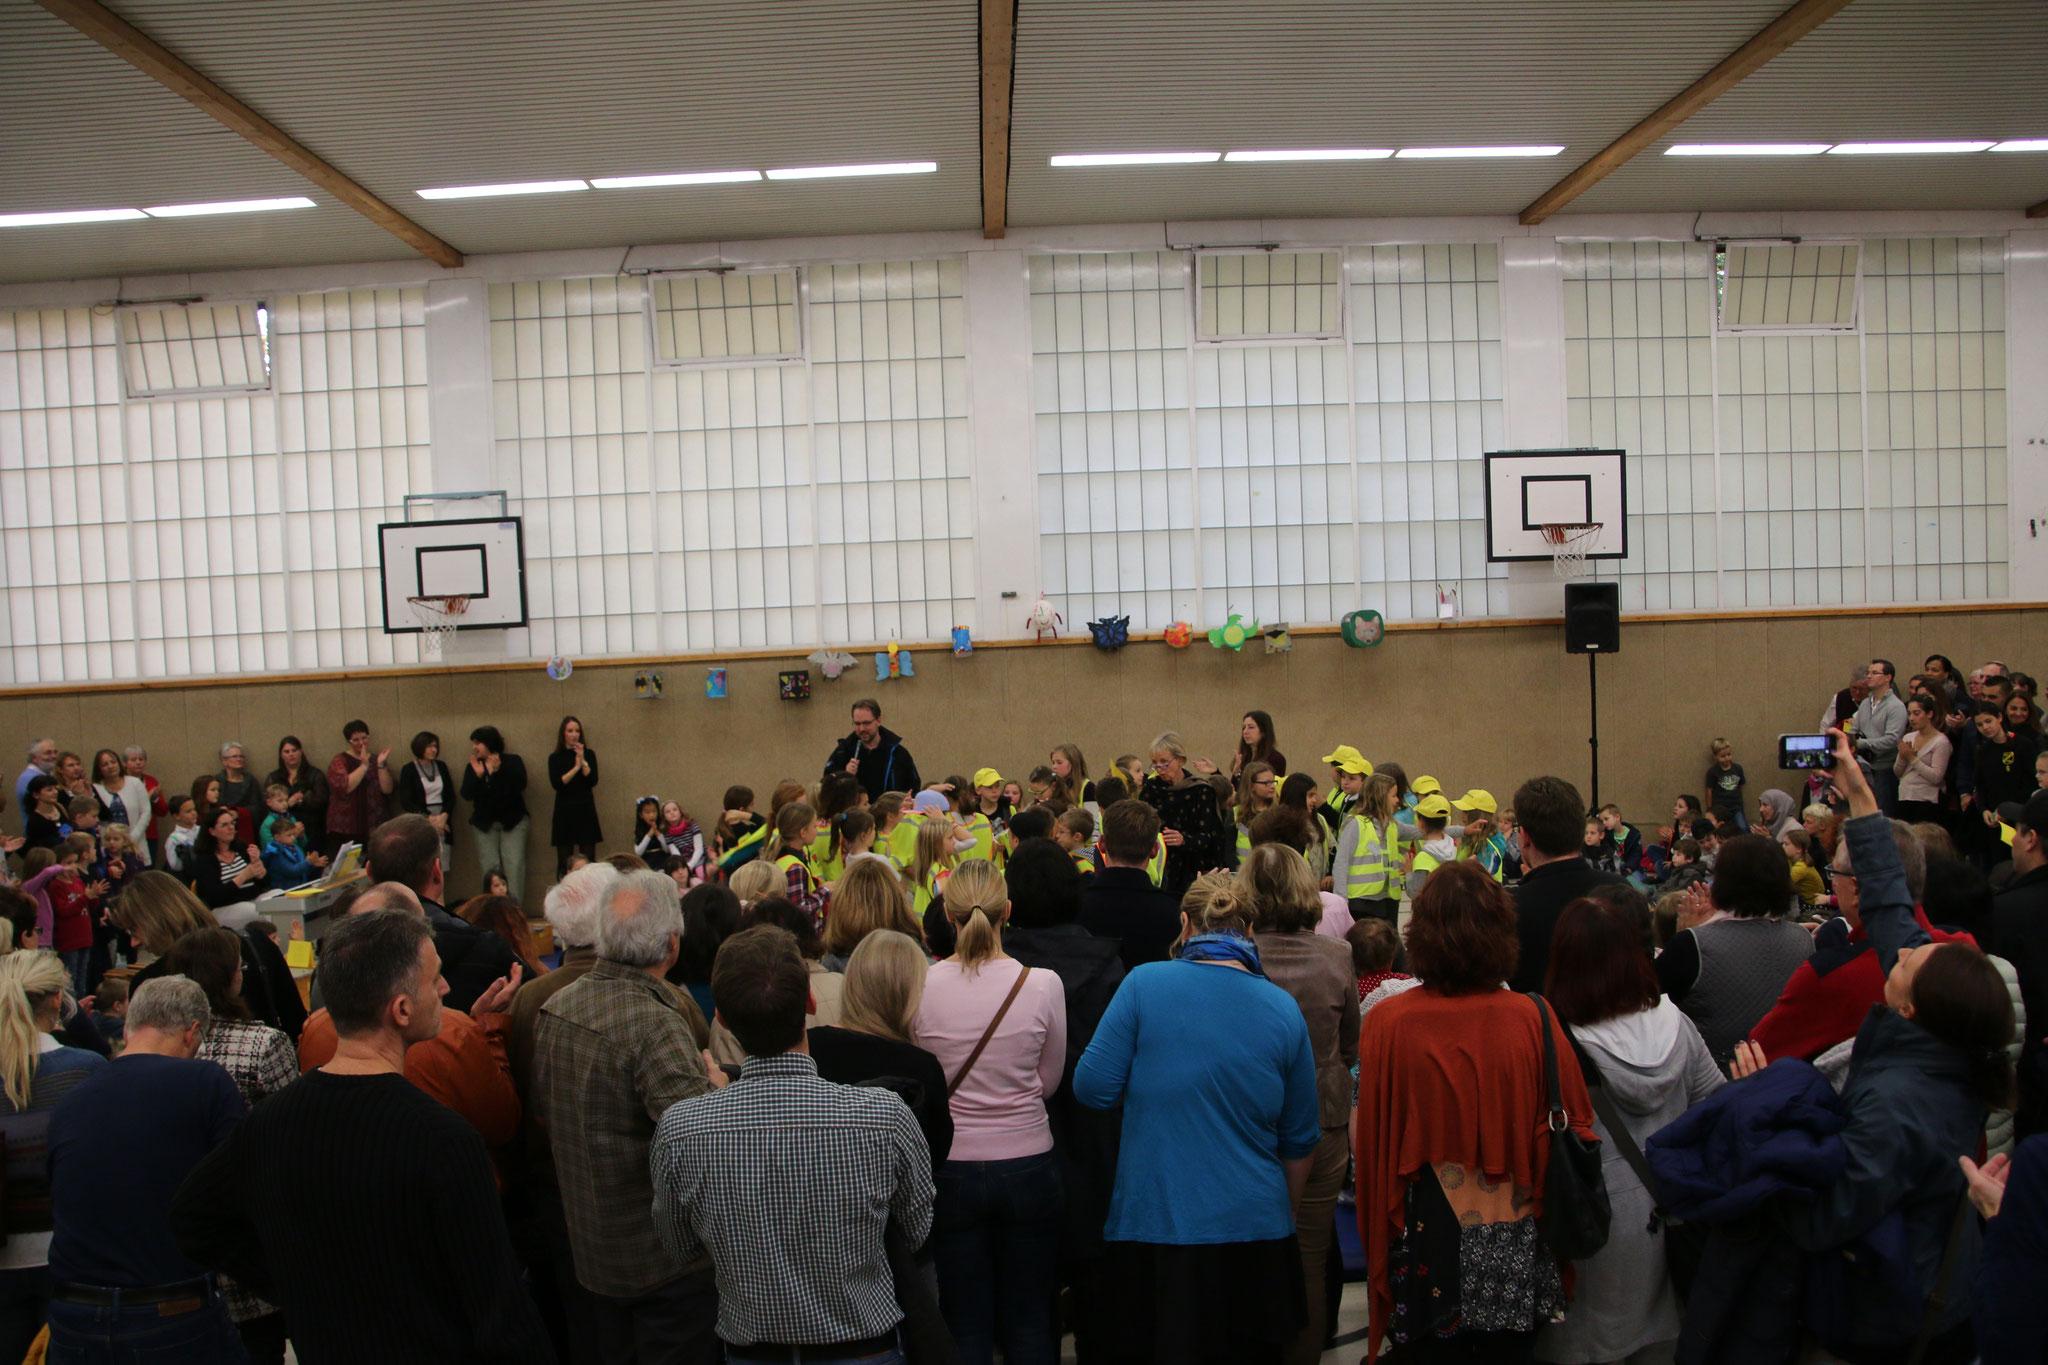 Eröffnungsfeier in der Turnhalle mit Ehrungen (Vorlesewettbewerbsieger, Schulanis, Saubären...) mit Tanz und Chor...